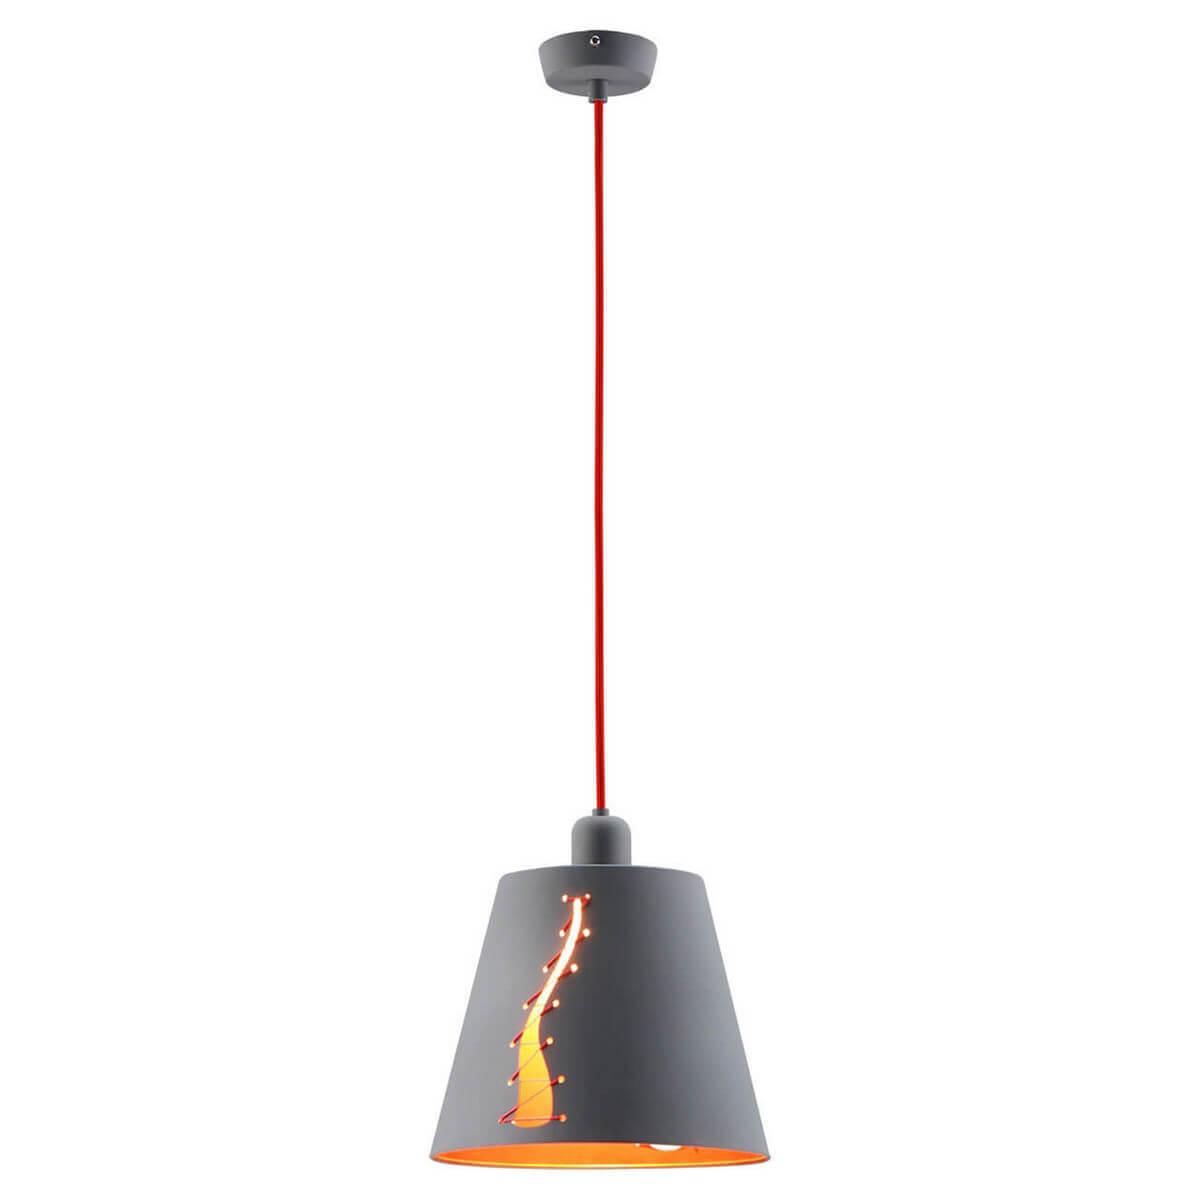 Подвесной светильник Lussole Loft GRLSP-8019 подвесной светильник lussole grlsp 9856 серый